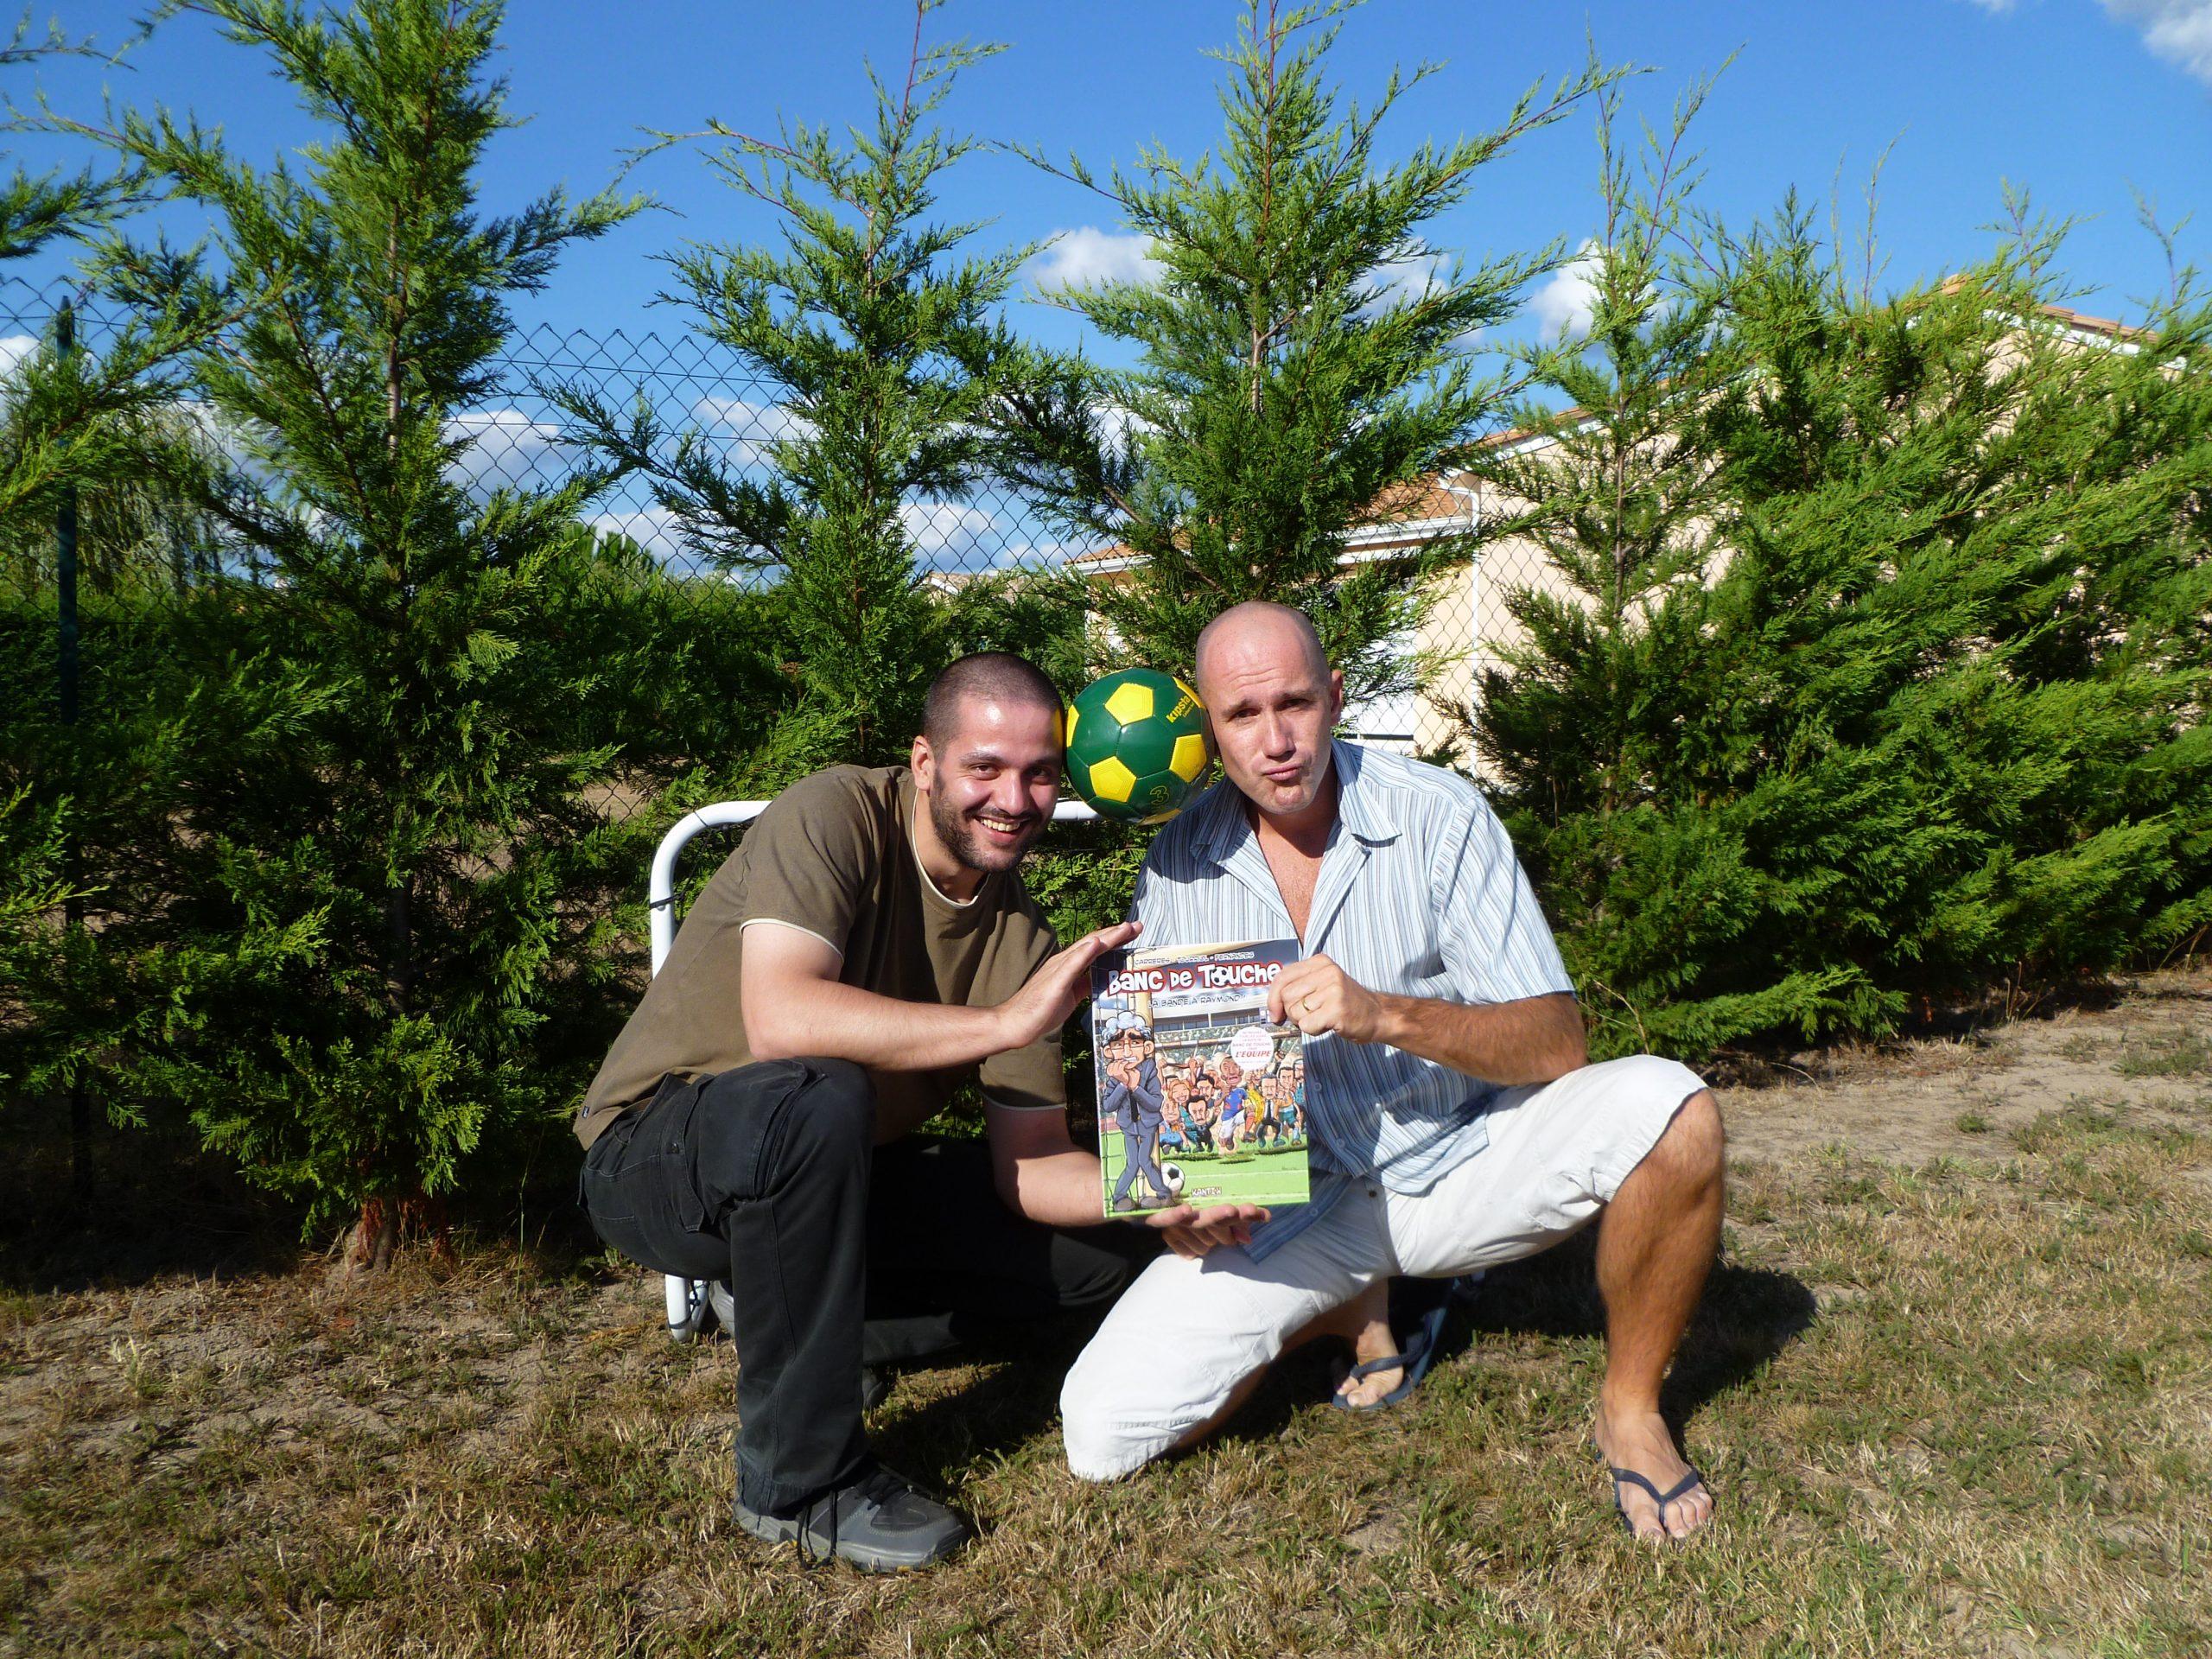 Questionnaire d'Edmond Tourriol : une photo de Dan Fernandes et Ed, auteurs de Banc de Touche.